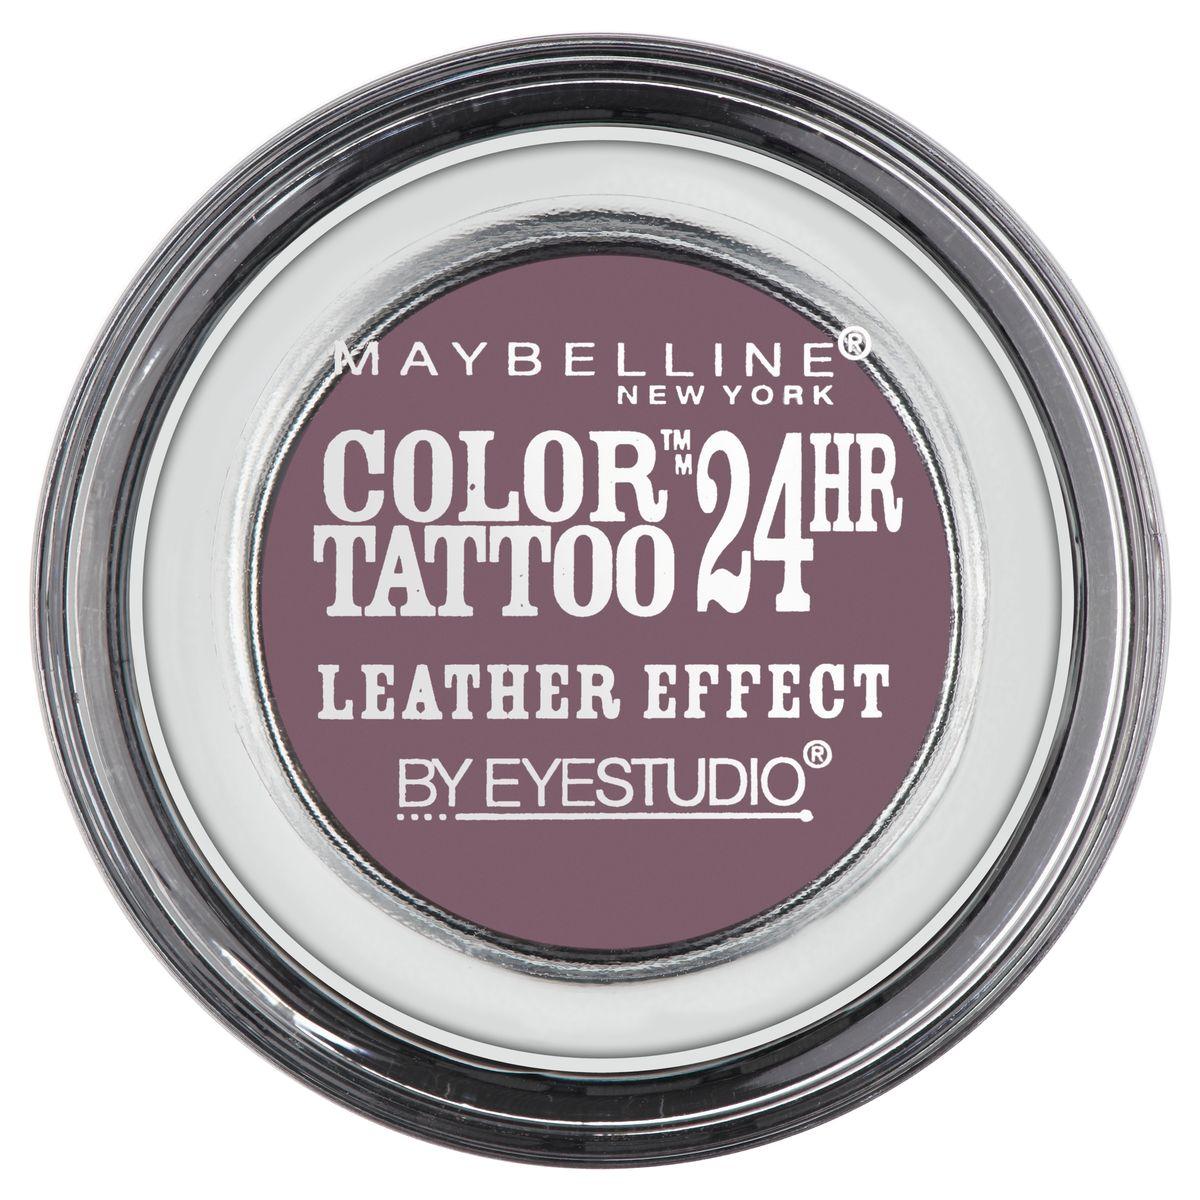 Maybelline New York Тени для век Color Tattoo, оттенок 97, Сливовый десерт, 4 мл28420_красныйТехнология тату-пигментов создает яркий, супернасыщенный цвет. Крем-гелевая текстура обеспечивает ультралегкое нанесение и стойкость на 24 часа.